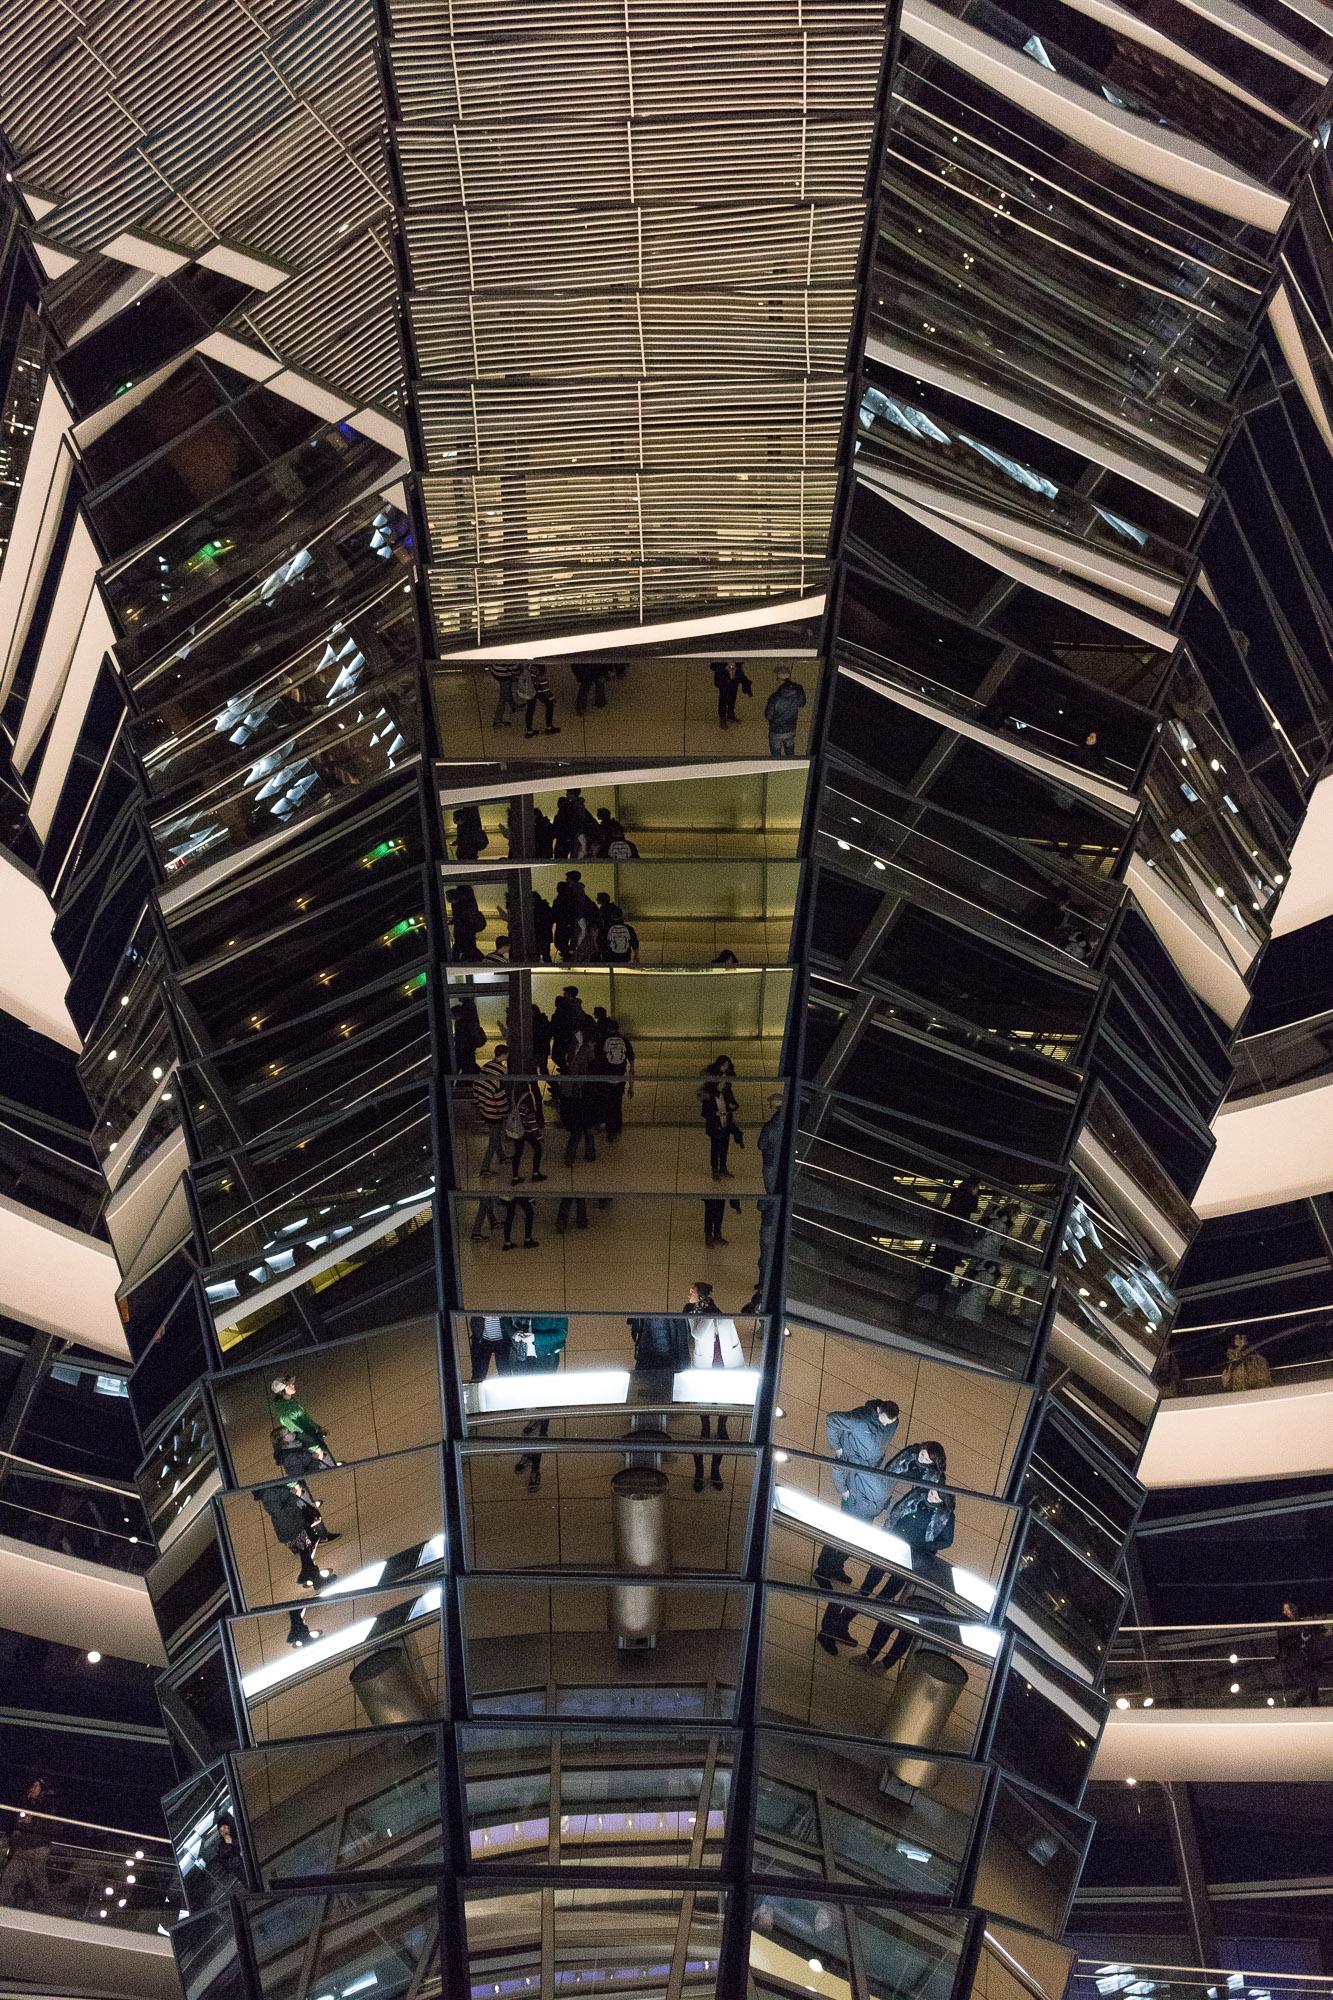 Jeu de miroir dans la coupole du Reichstag